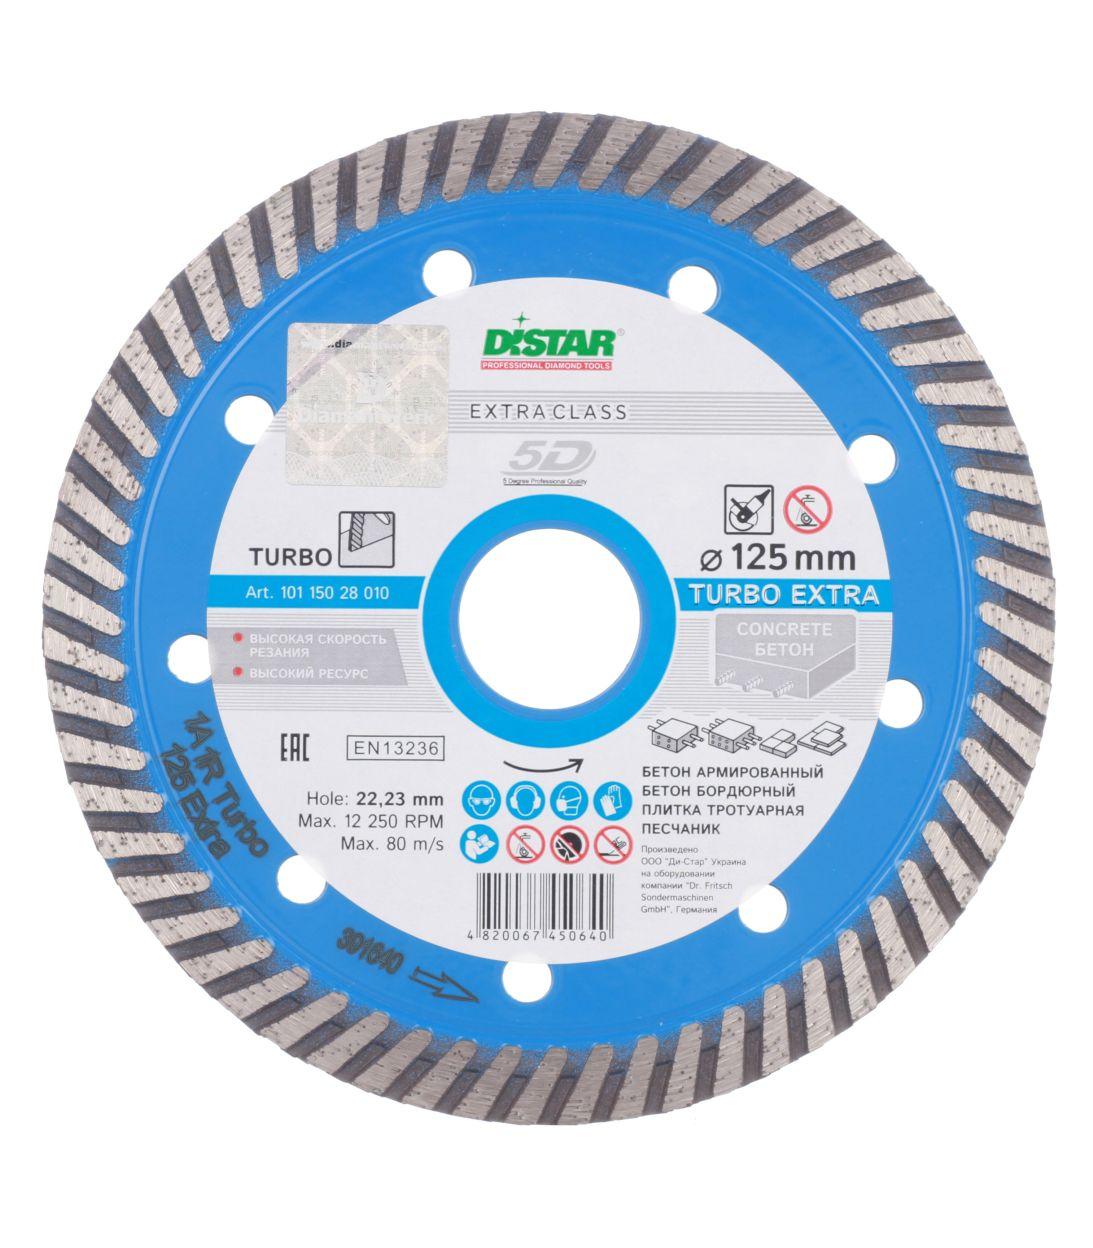 Диск алмазный турбо DI-STAR 5D 125x22,2 мм диск алмазный турбо с лазерной перфорацией 230х22 2 мм gross 73034